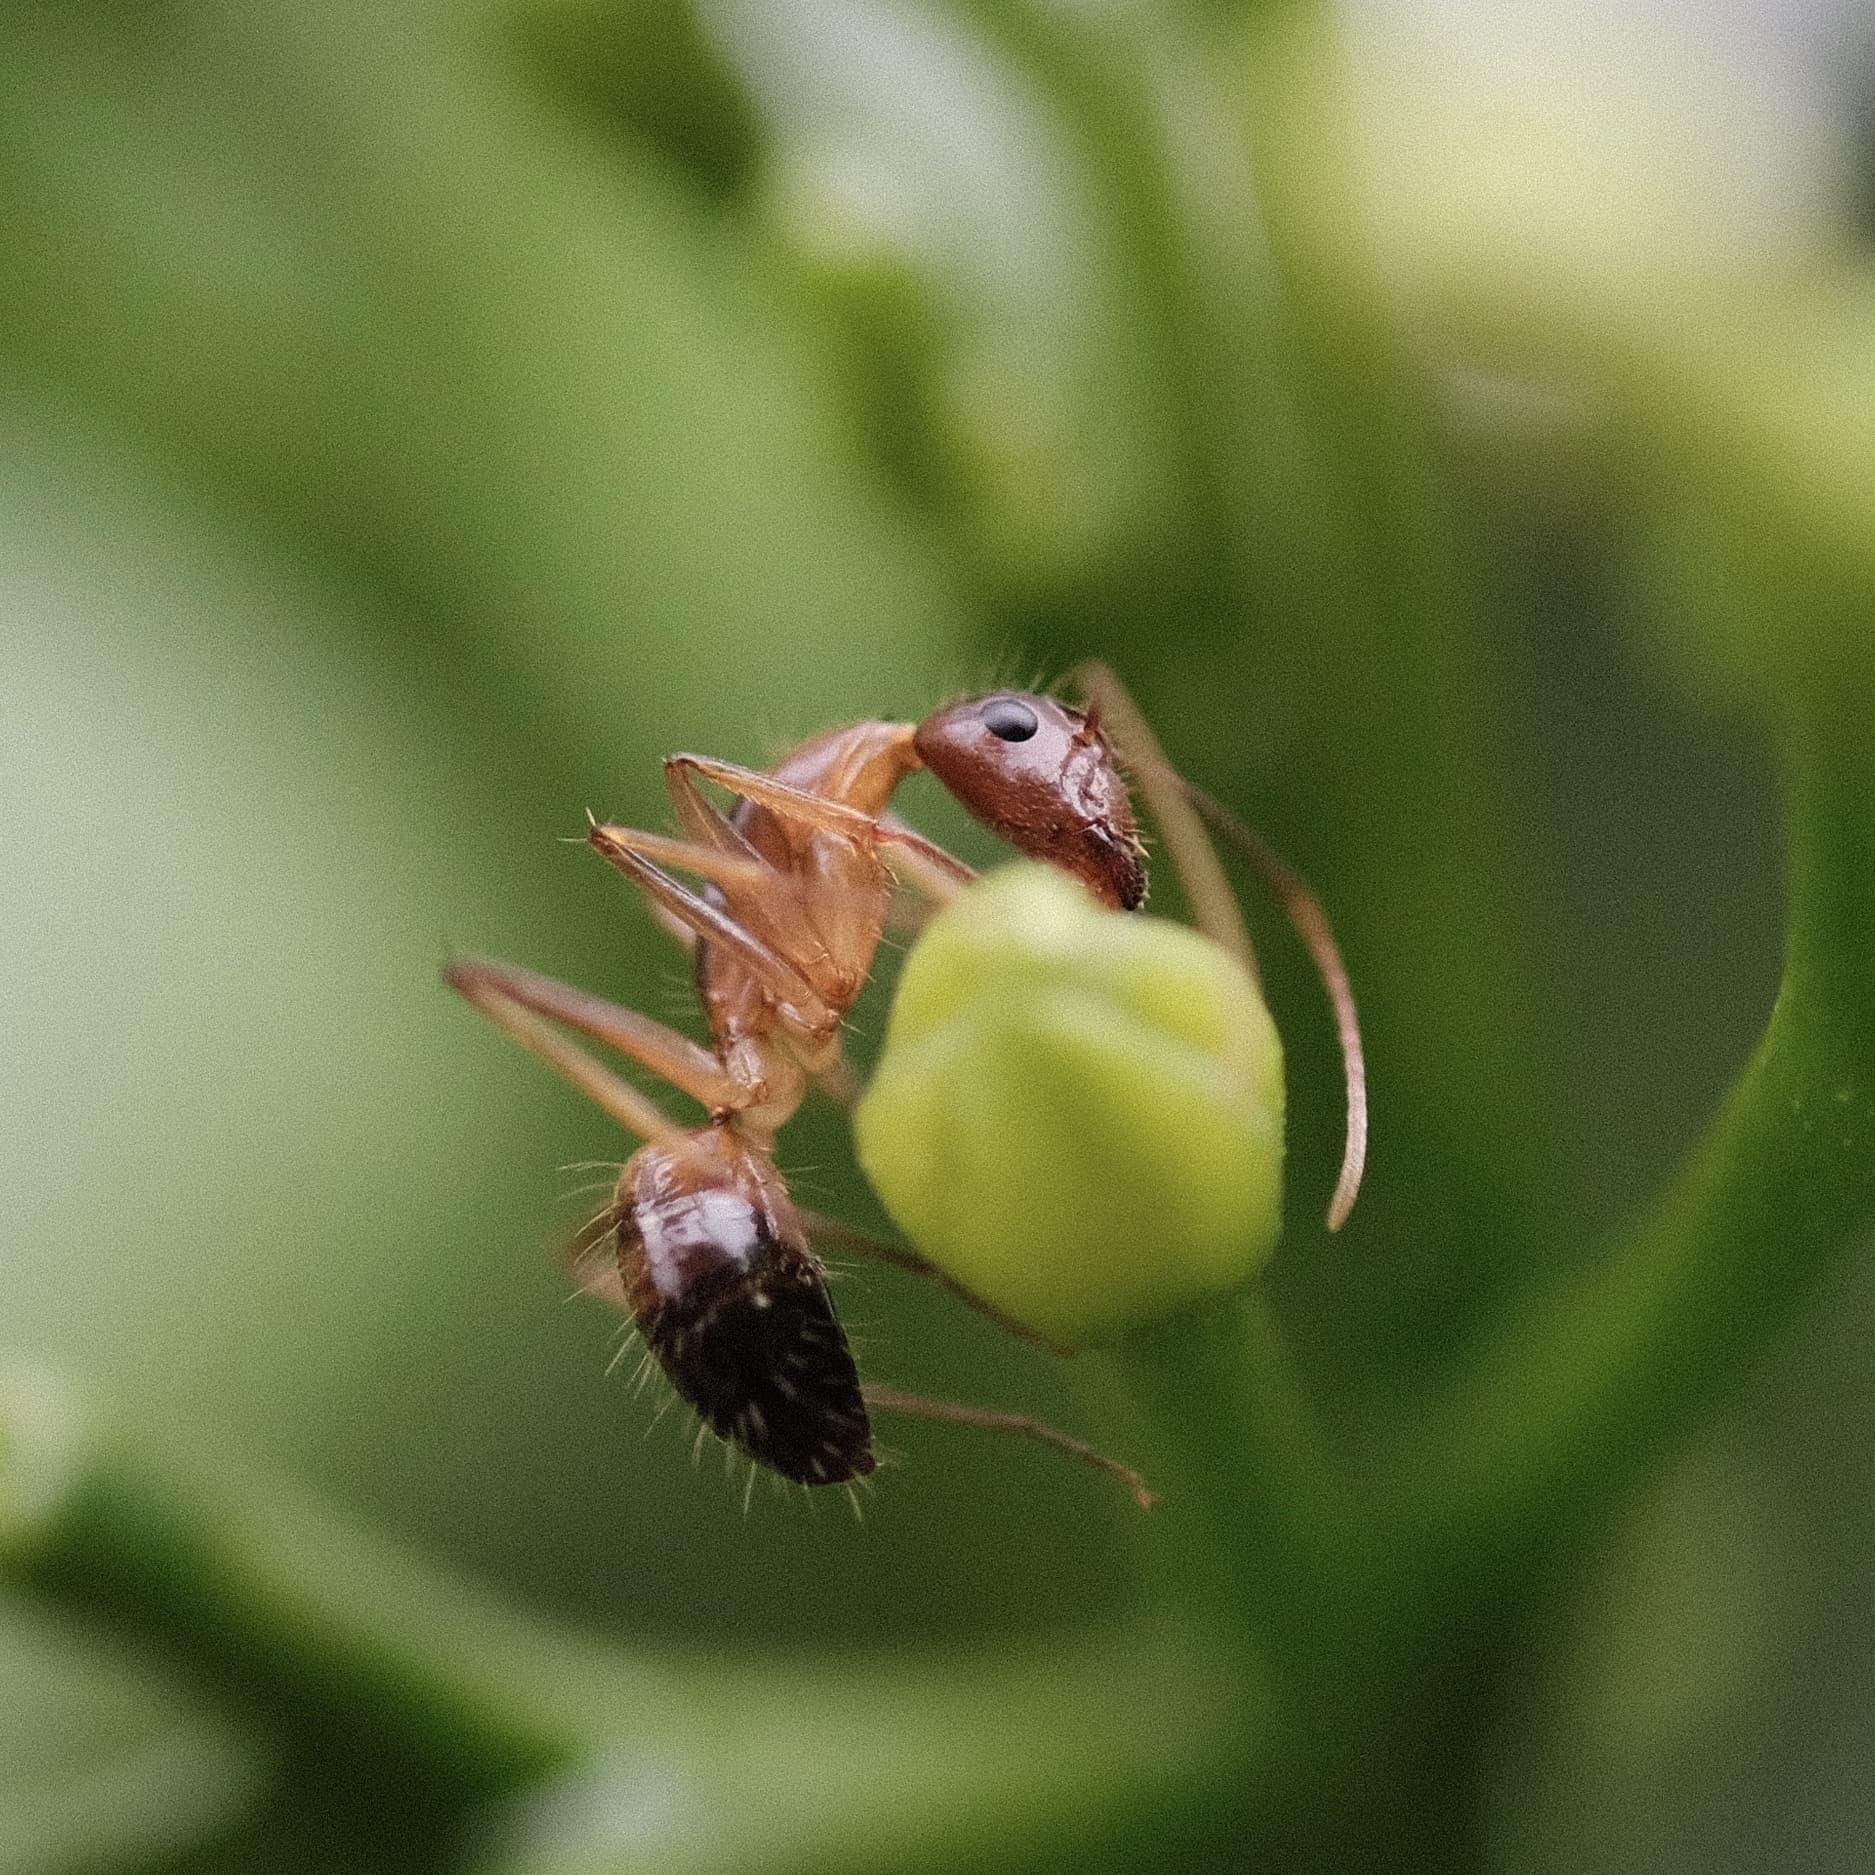 sample insect 60mm f/2.4 macro fuji